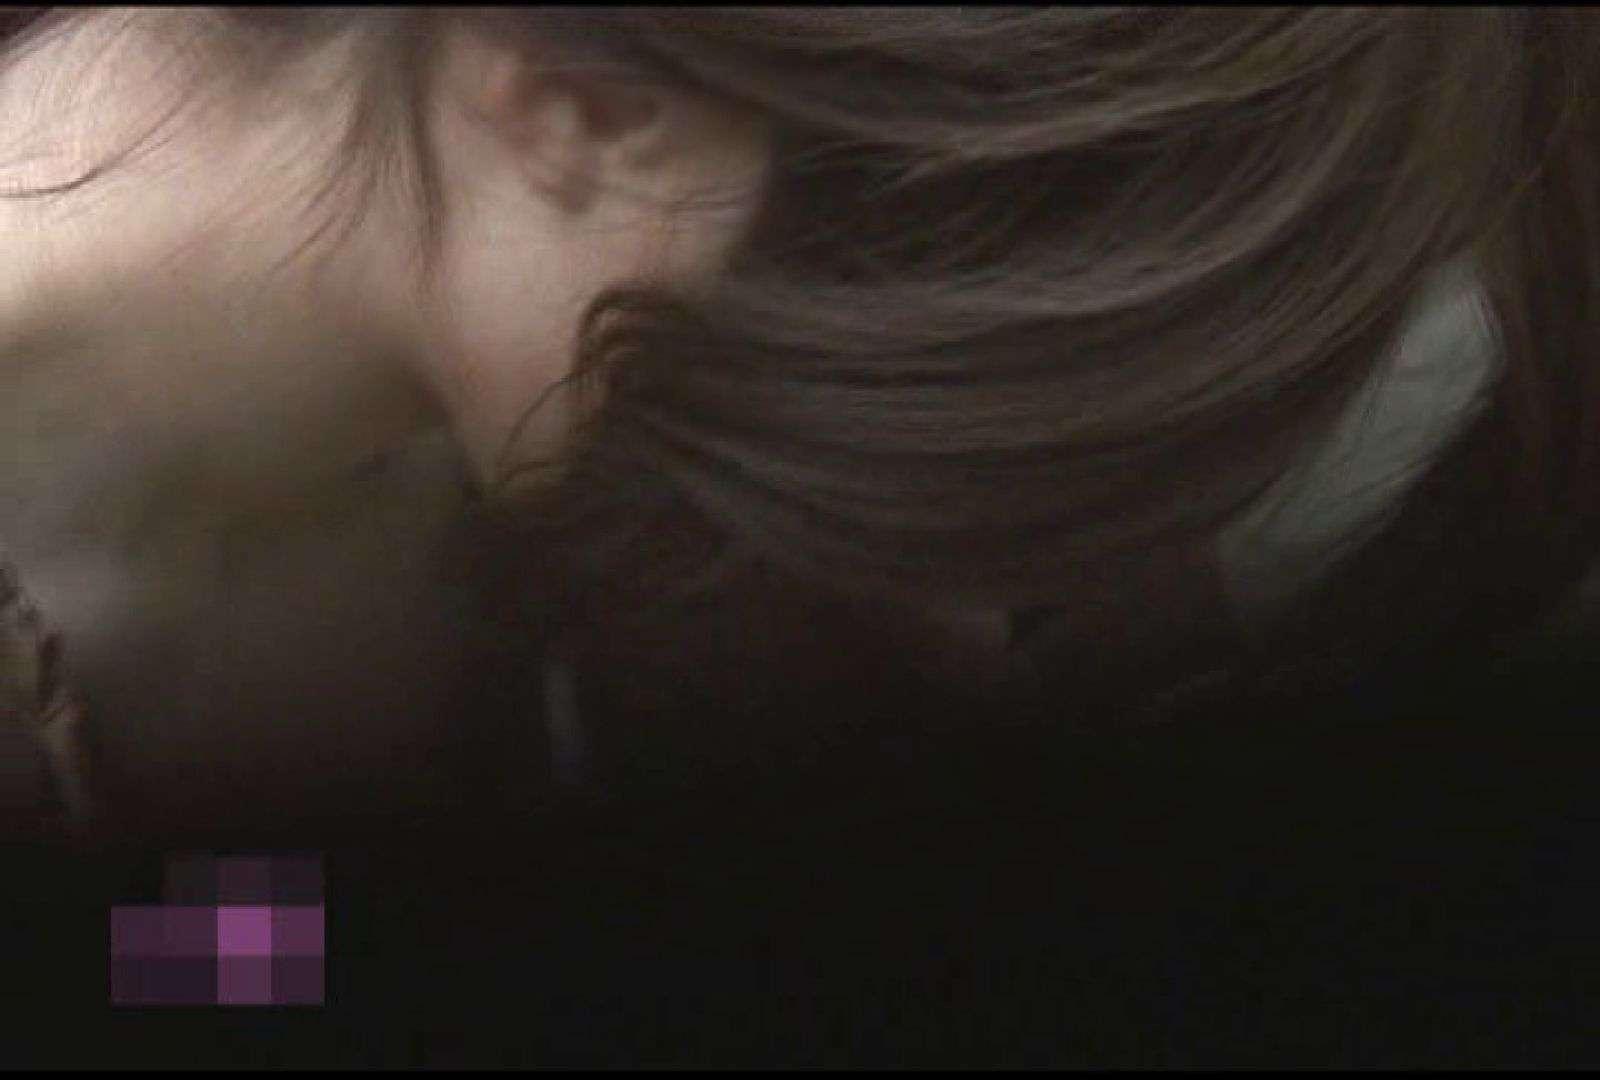 熱視線Vol.1 すけべなお姉さん 性交動画流出 107画像 50